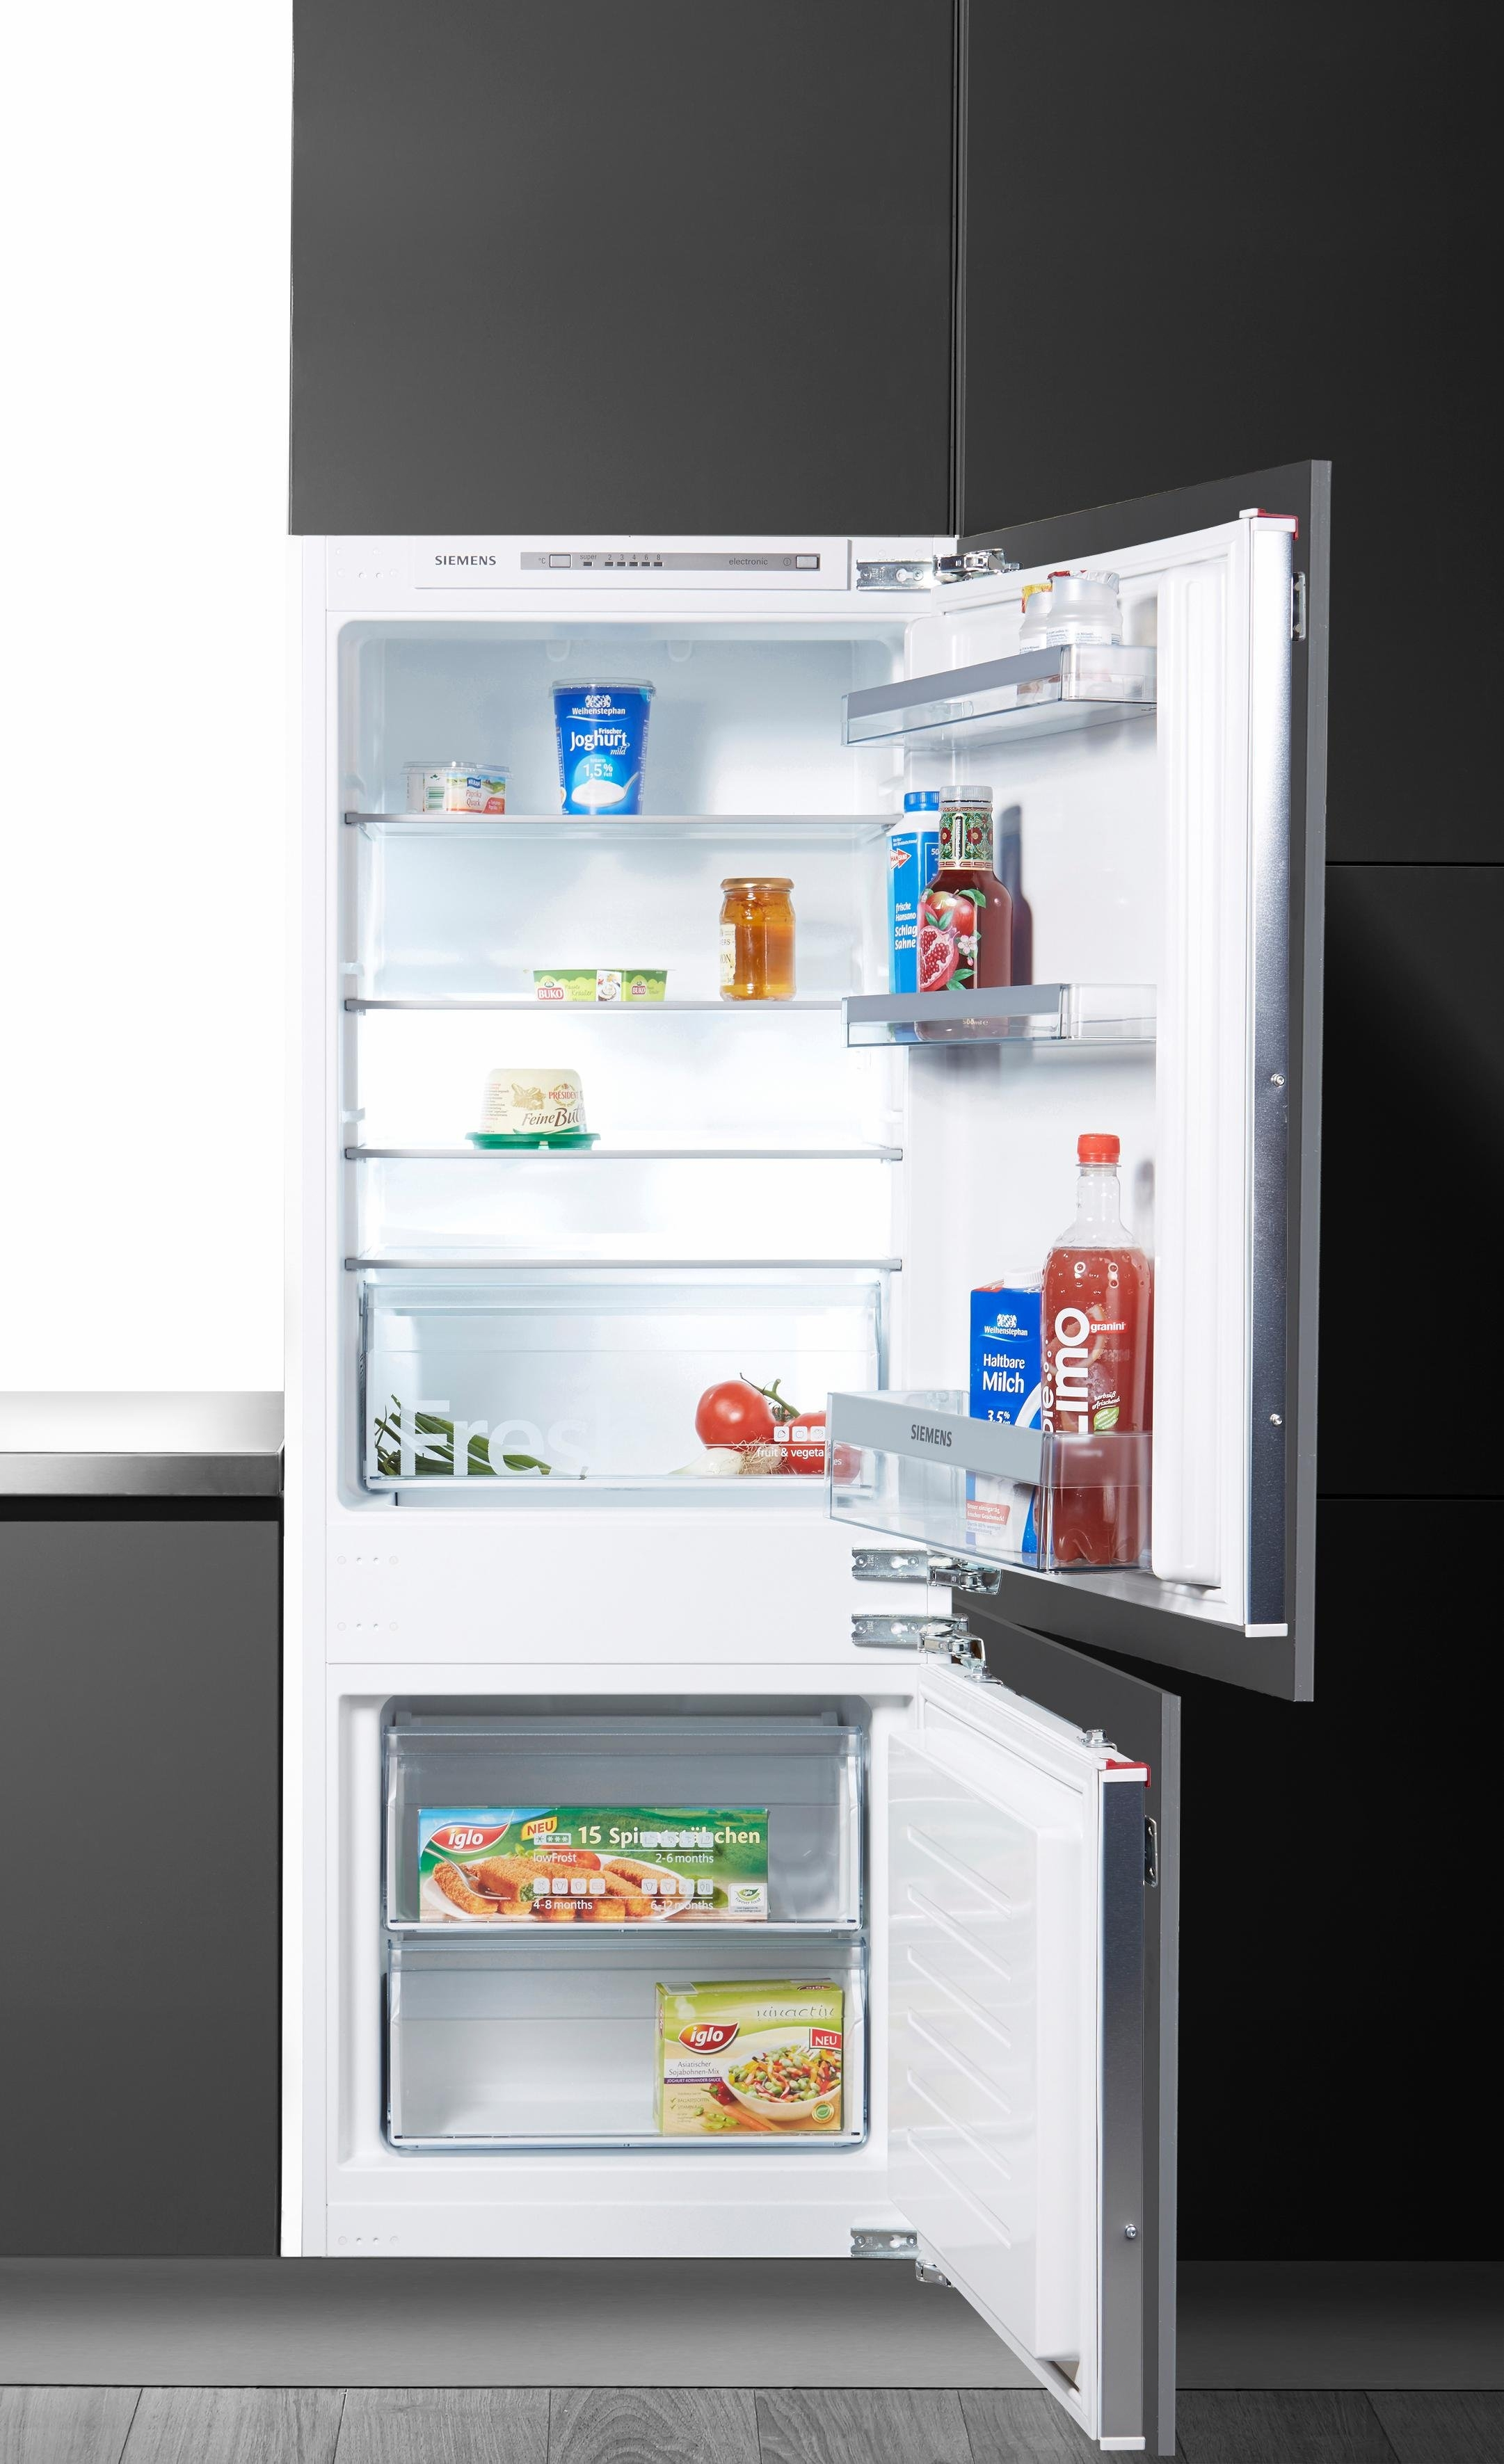 Siemens inbouw-koel-vriescombinatie KI67VVF30, energieklasse A++, 144,6 cm hoog veilig op otto.nl kopen